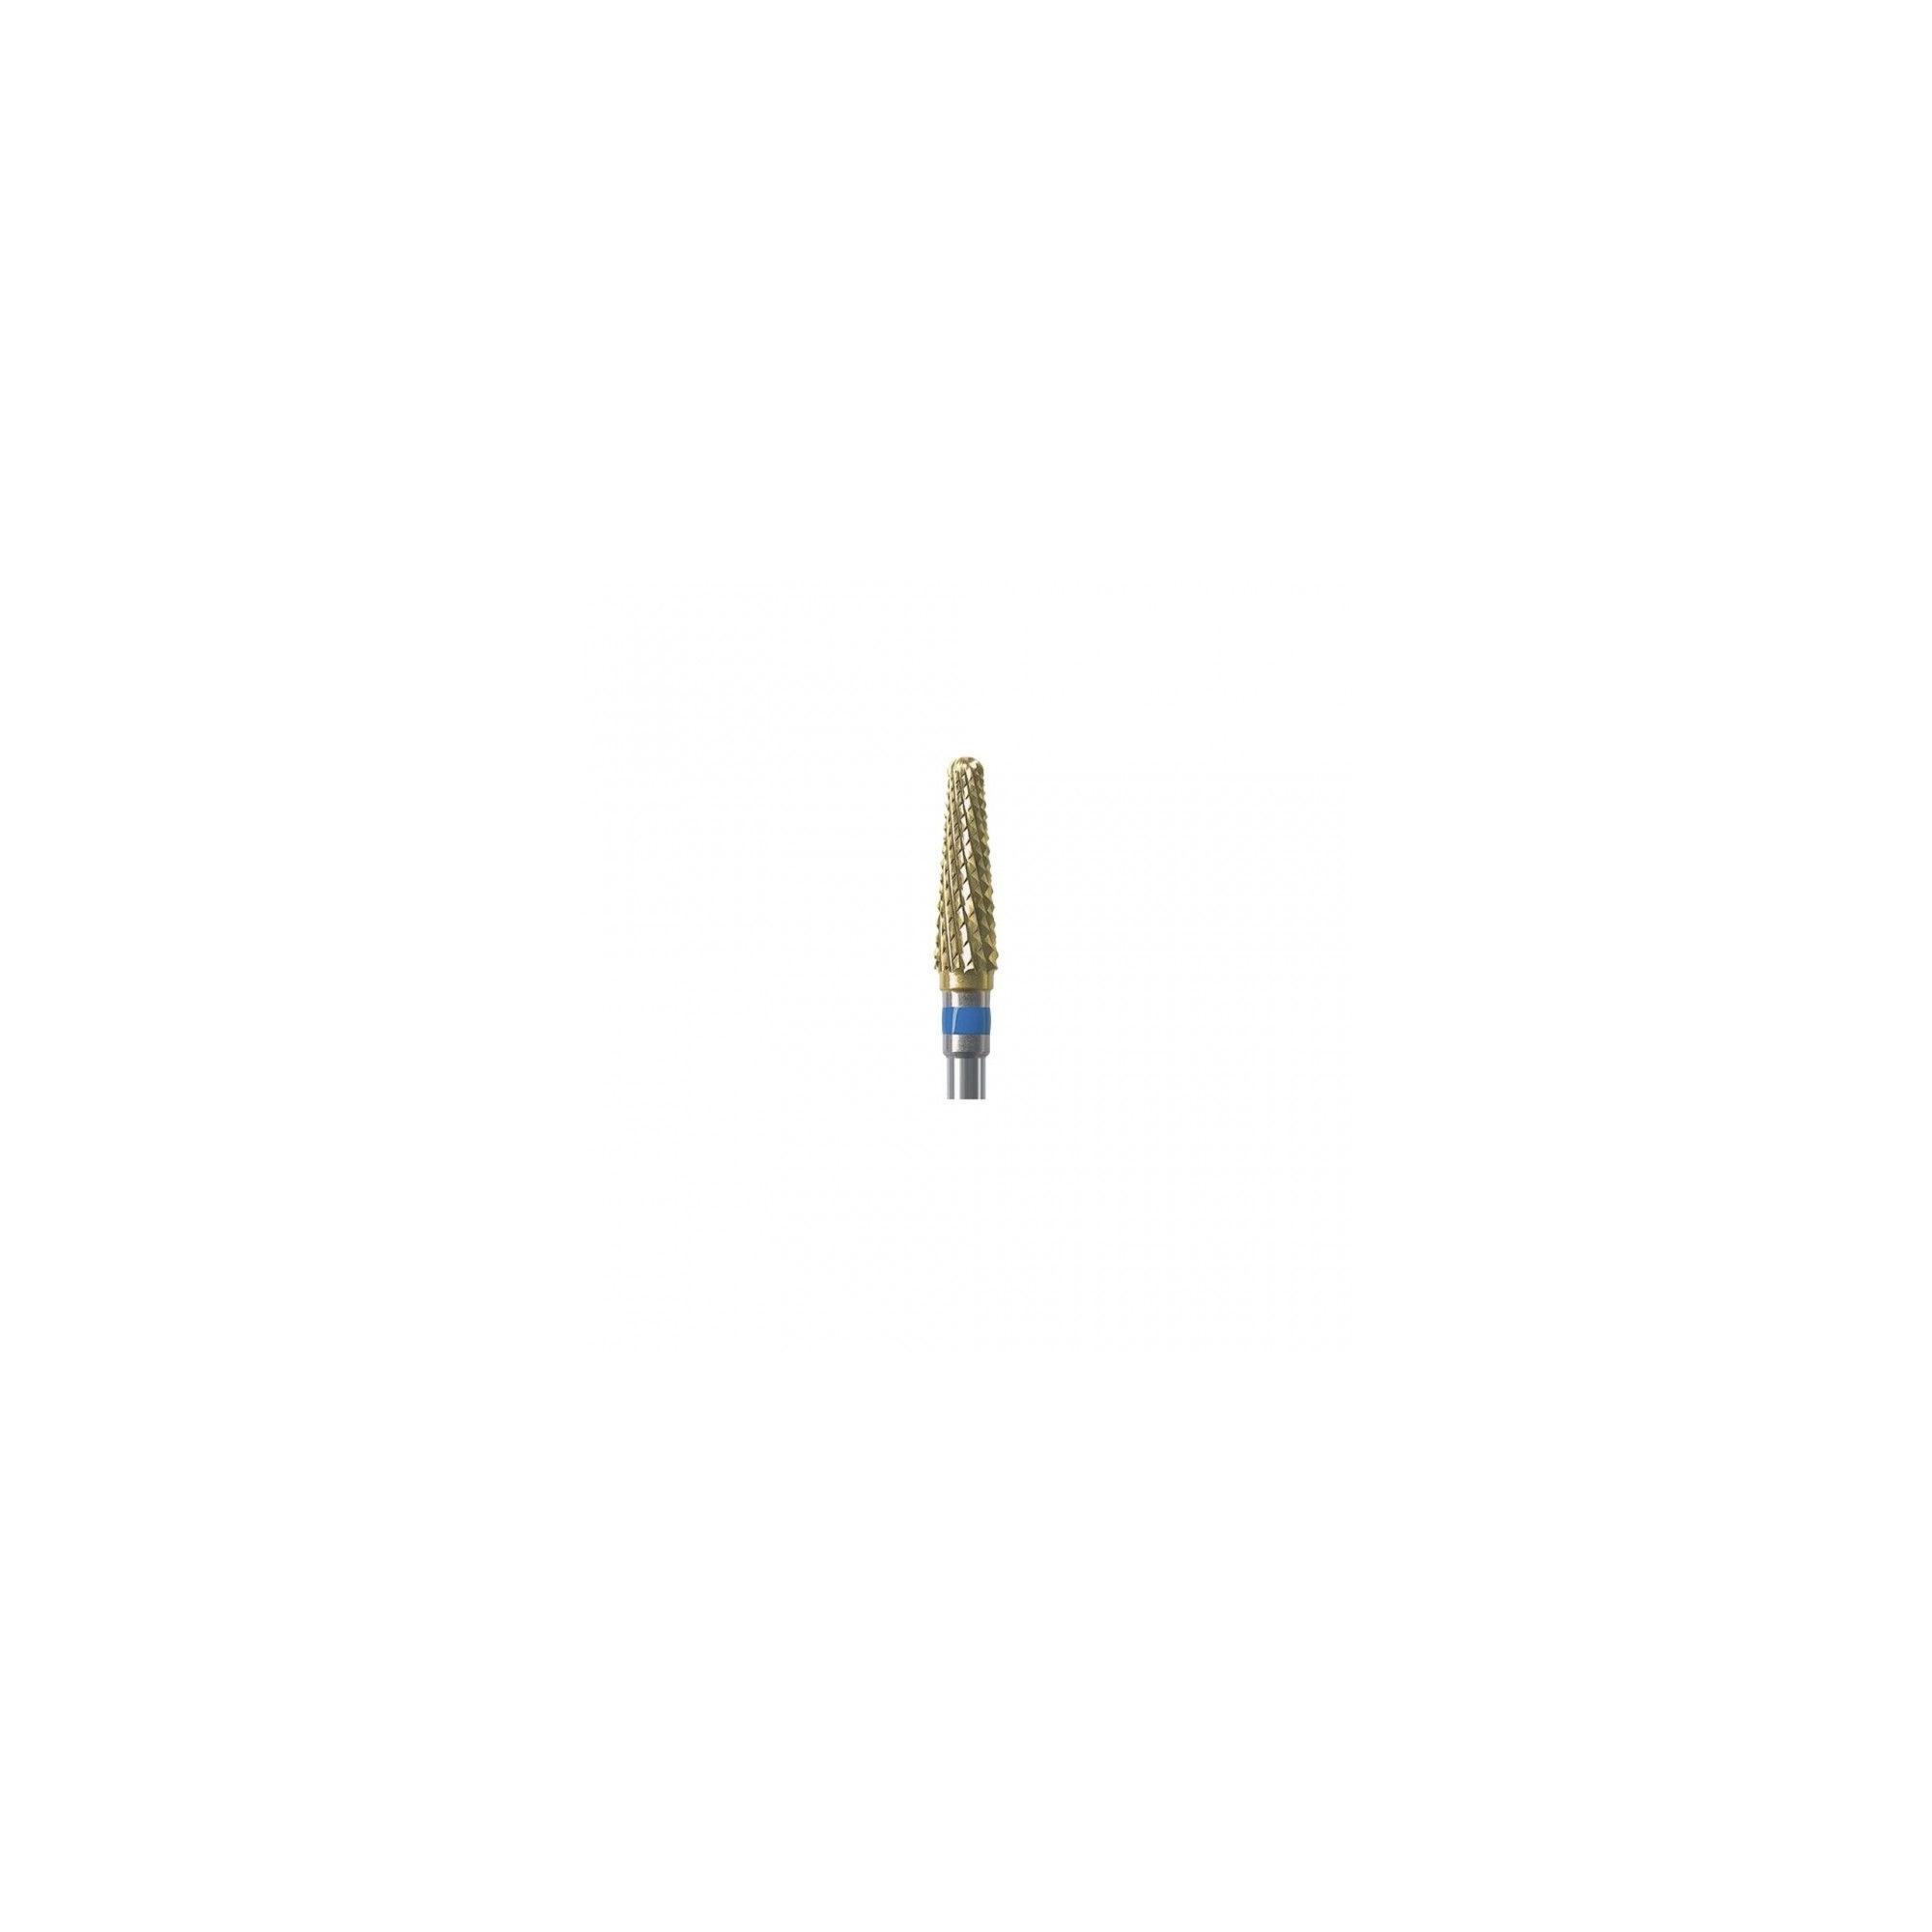 Fraise 5645 - Carbure de tungstène - Denture croisée moyenne - 4 mm